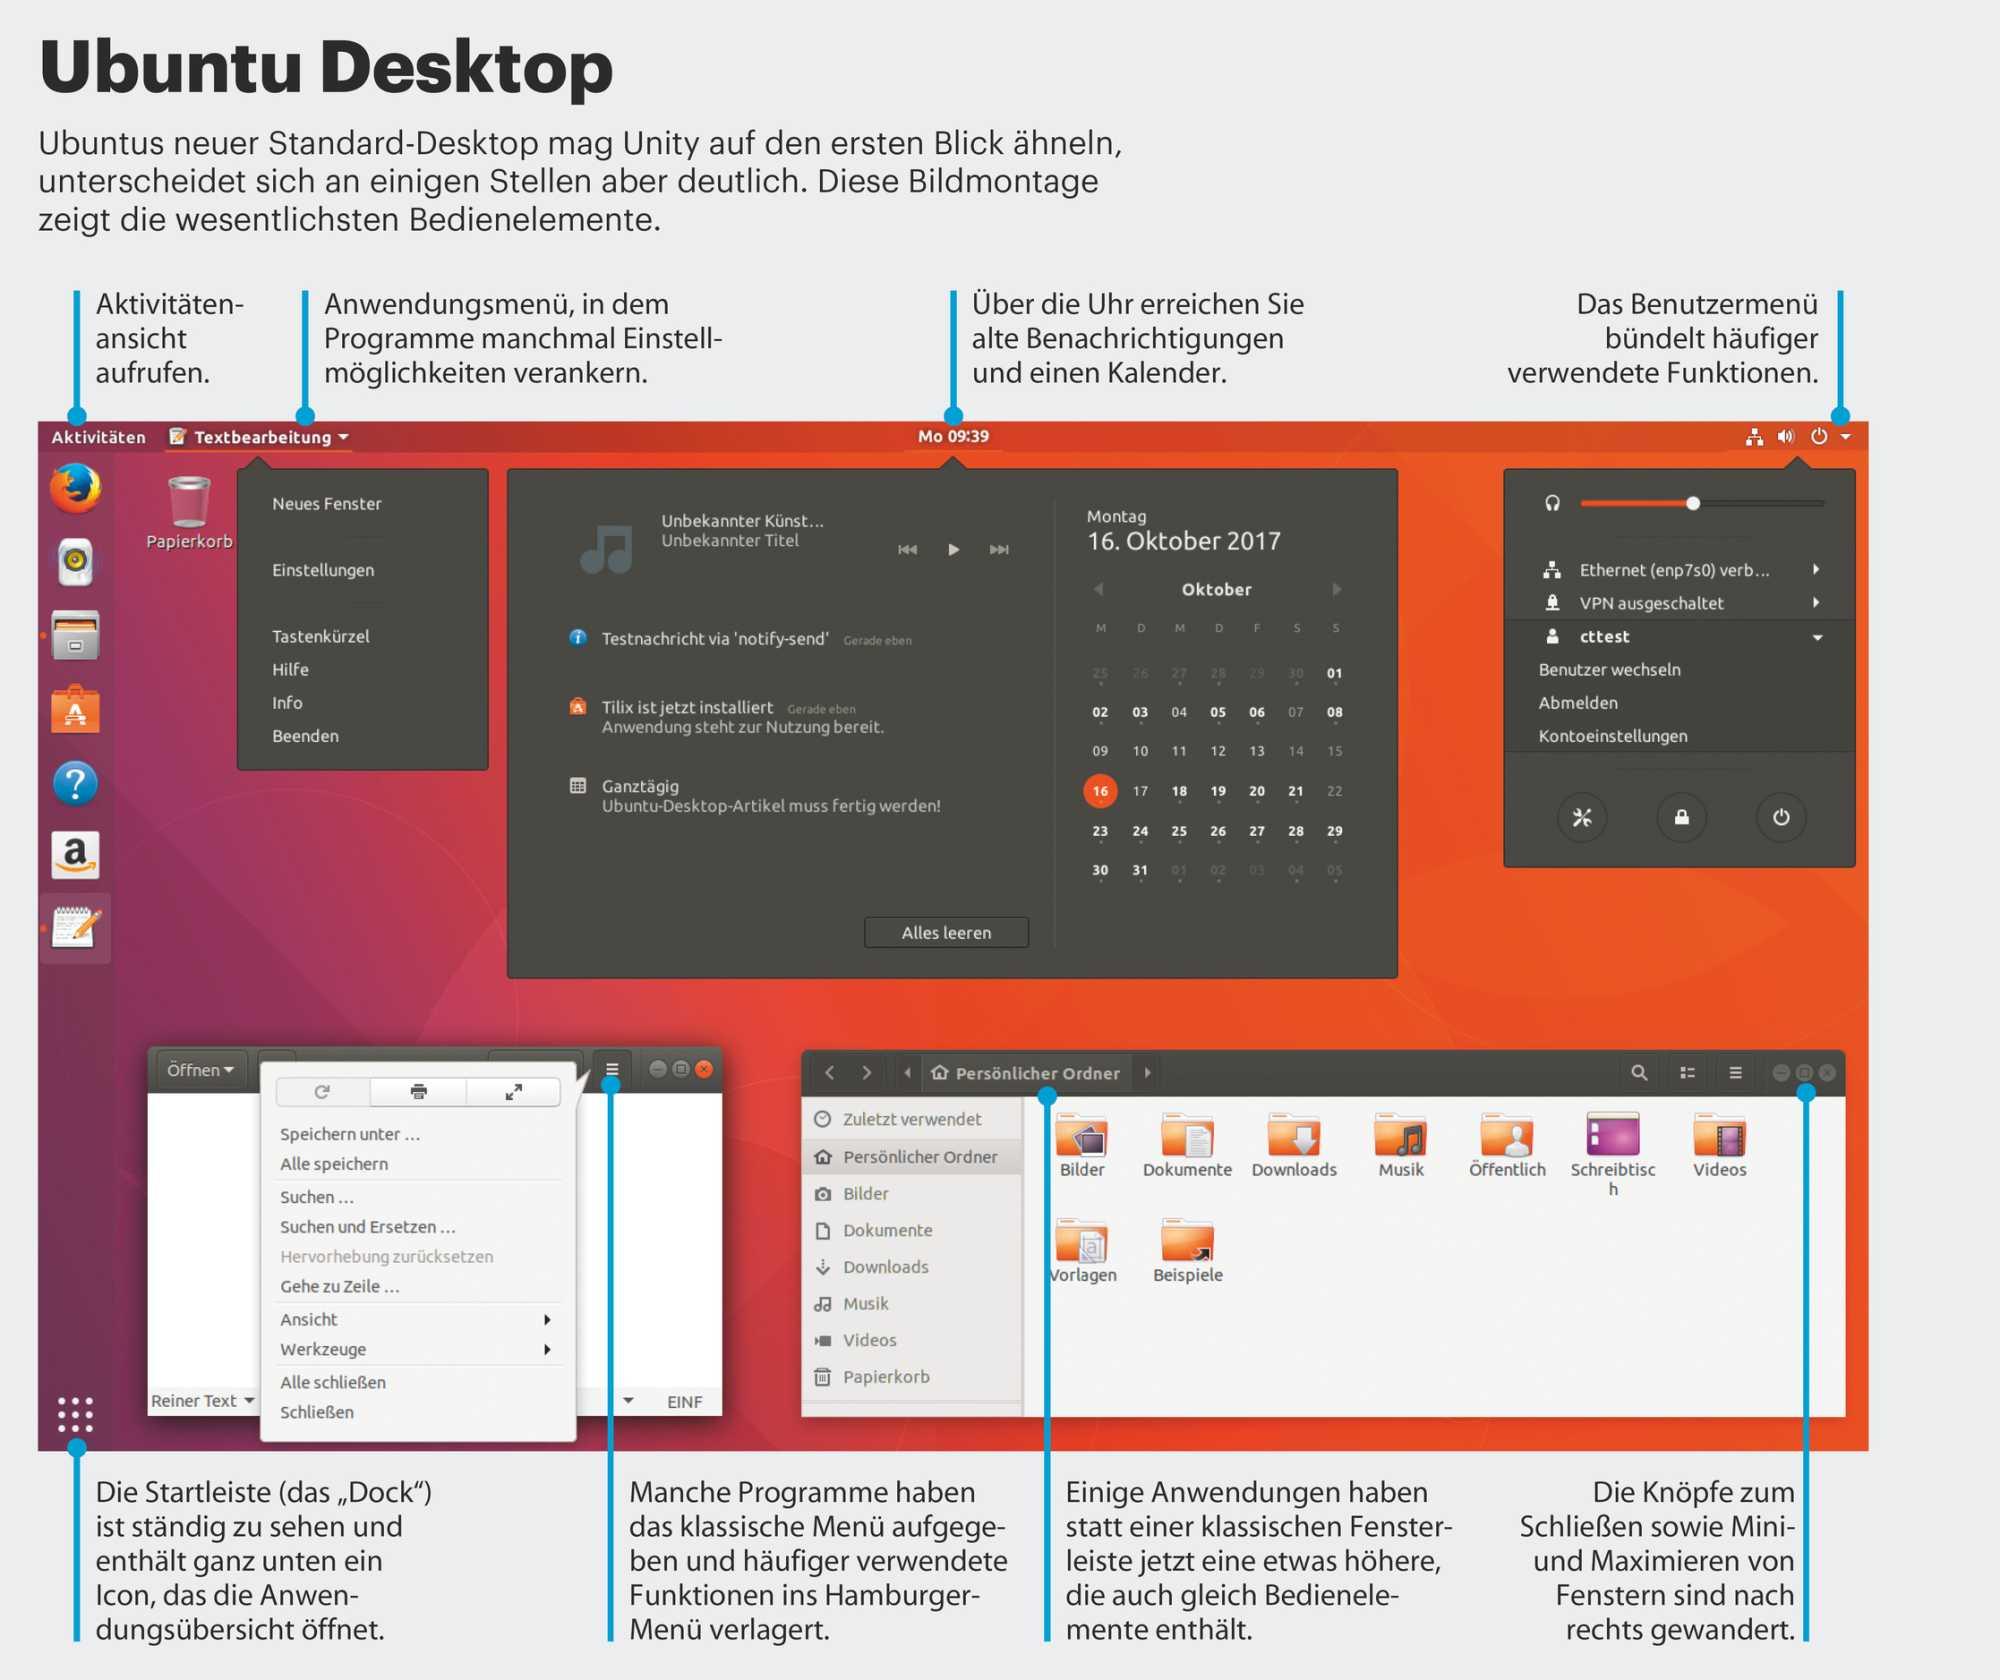 Aus dem c't-Artikel stammende Grafik zu den wichtigsten Elementen des Ubuntu Desktop.